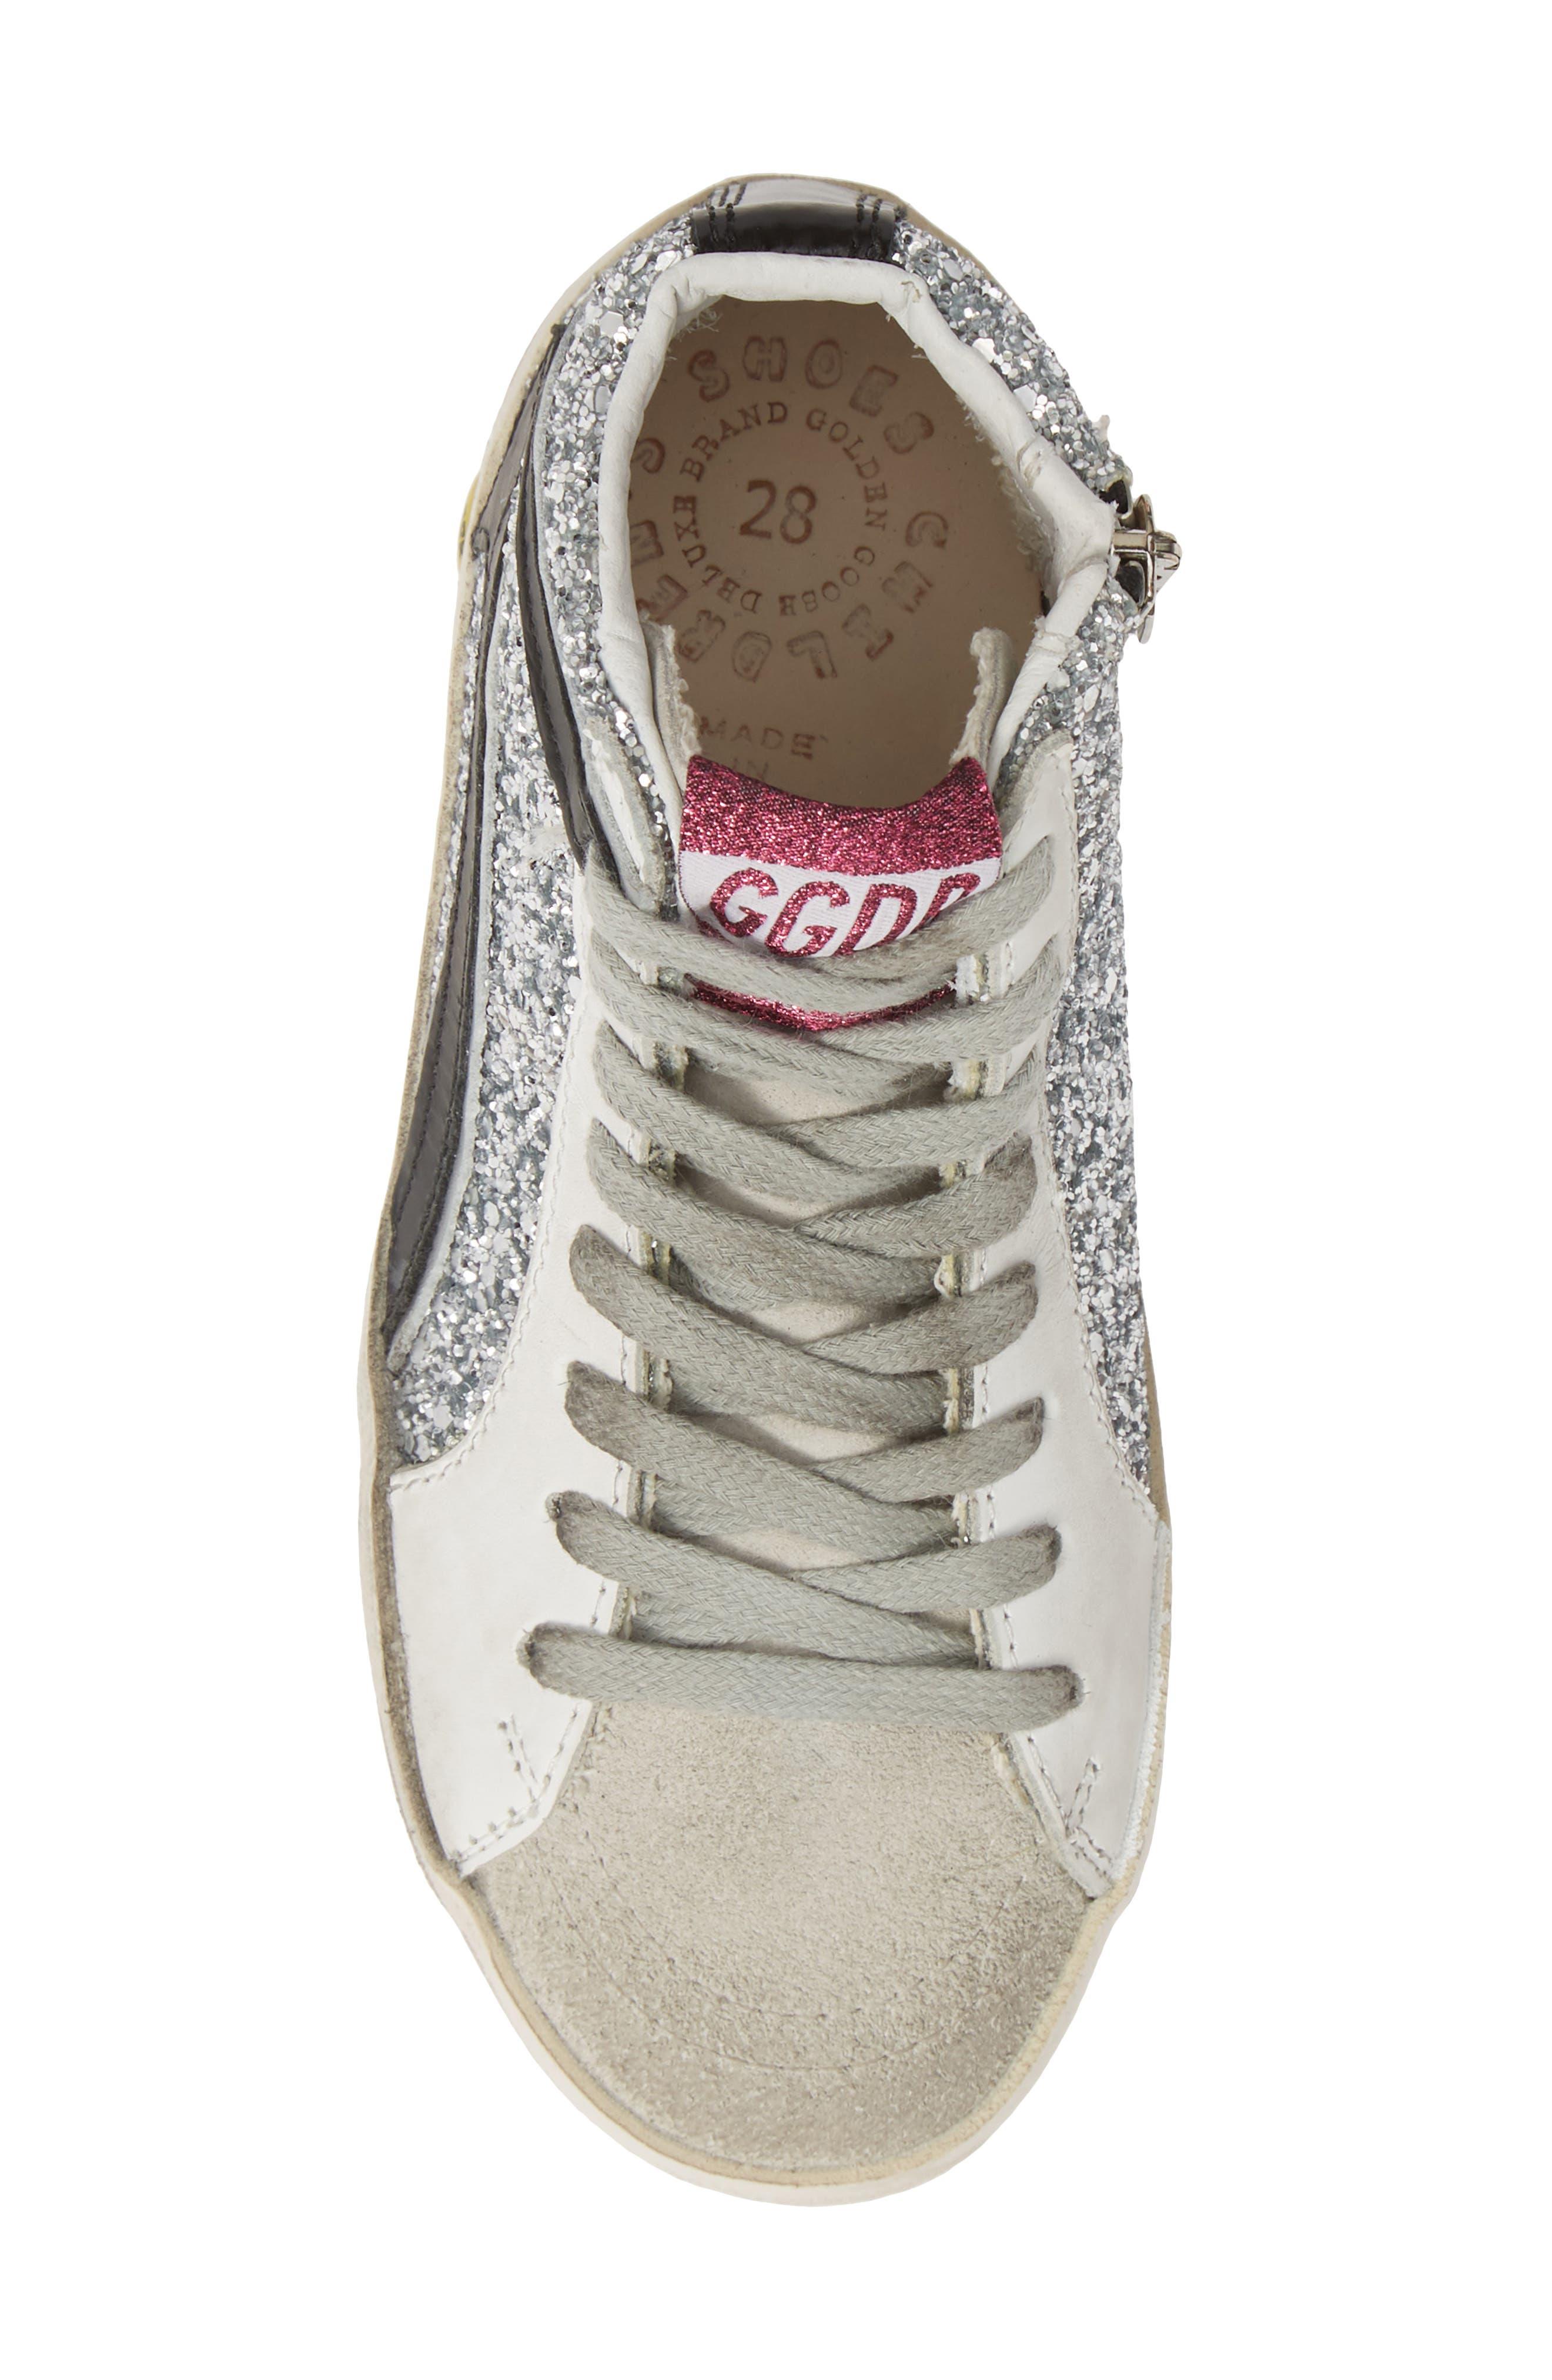 GOLDEN GOOSE, Slide Glitter High Top Sneaker, Alternate thumbnail 5, color, SILVER GLITTER/ BLACK SLIDE